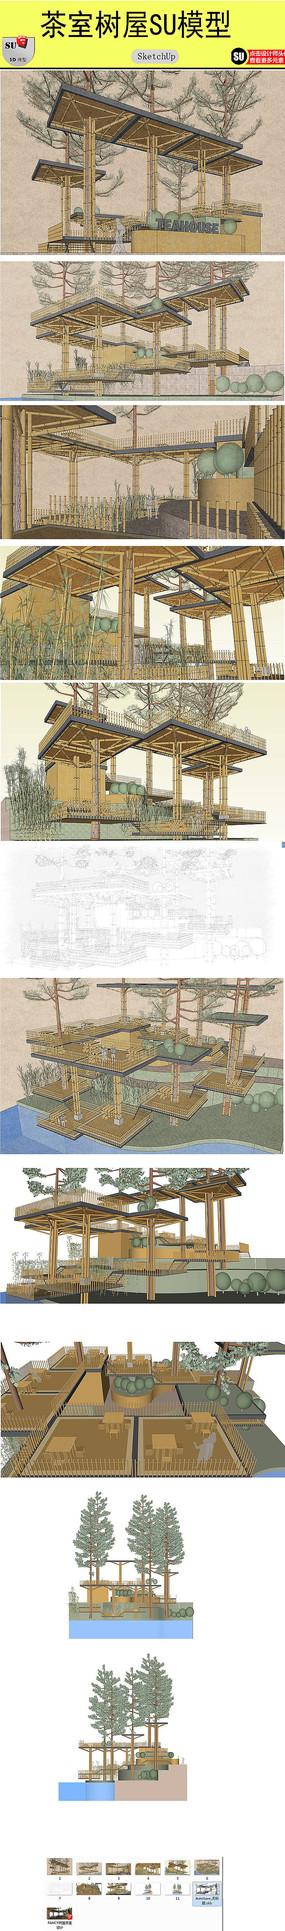 茶室设计模型